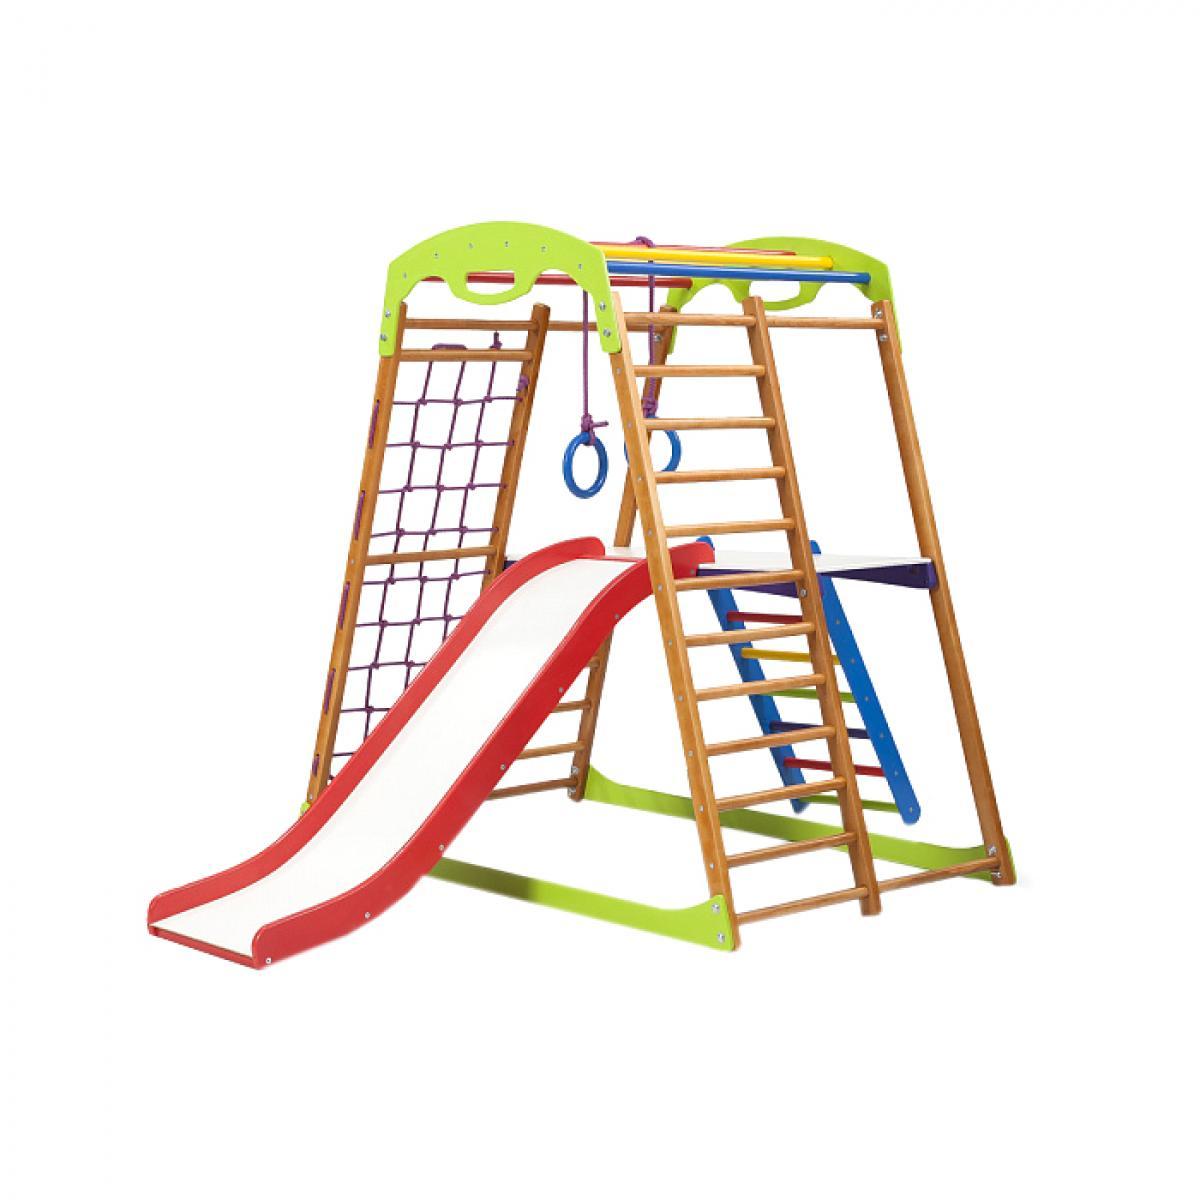 6bc114c9b5d7 Детский спортивный комплекс для дома BabyWood Plus 2, SportBaby (BabyWood  Plus 2)